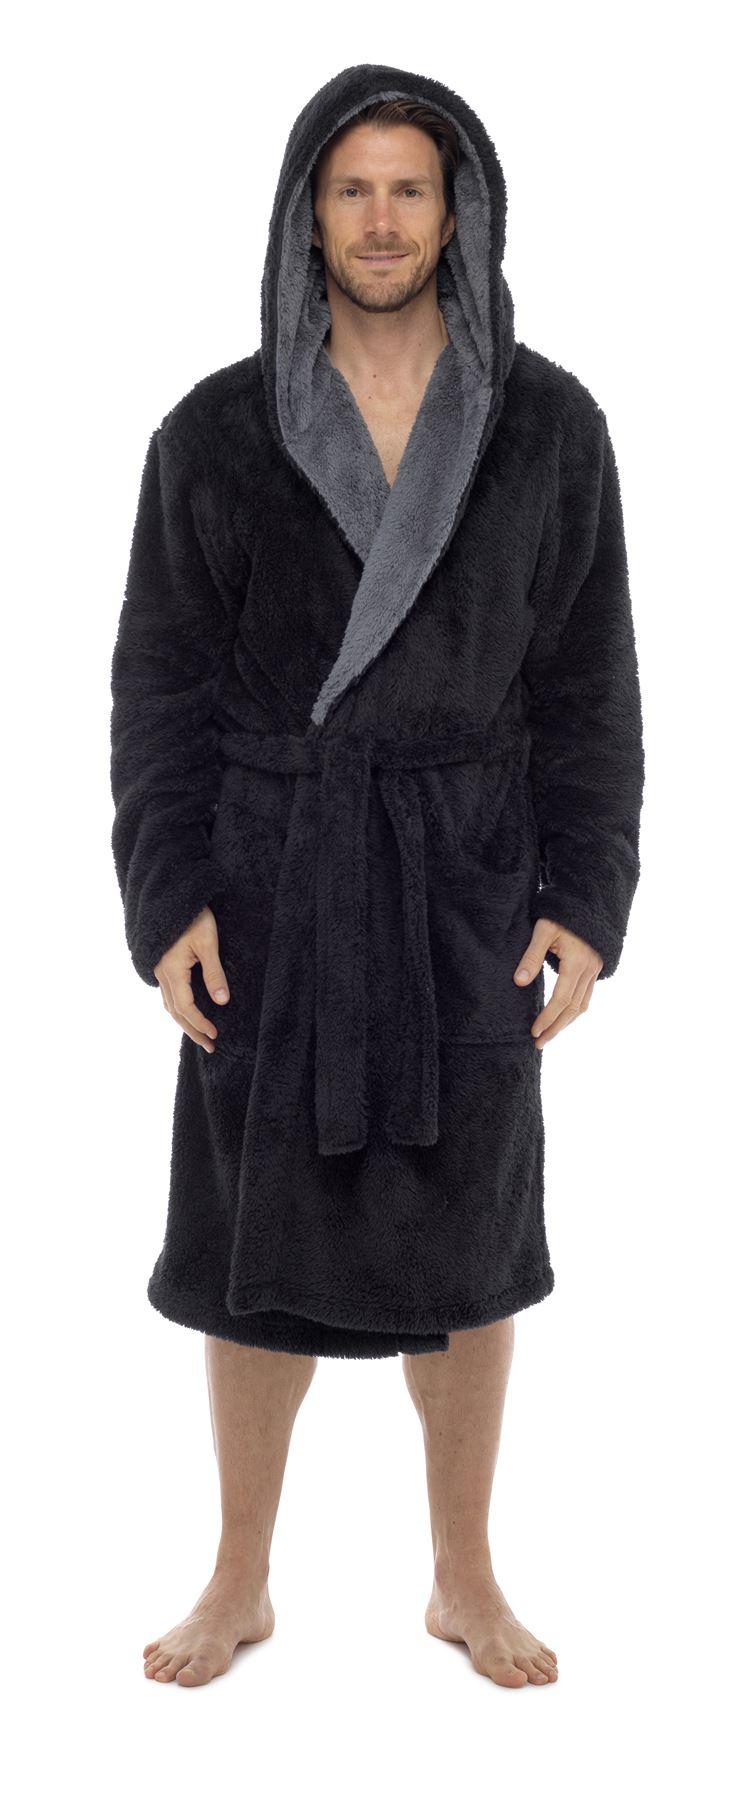 herren kuscheliges vlies robe luxus super weich mit. Black Bedroom Furniture Sets. Home Design Ideas